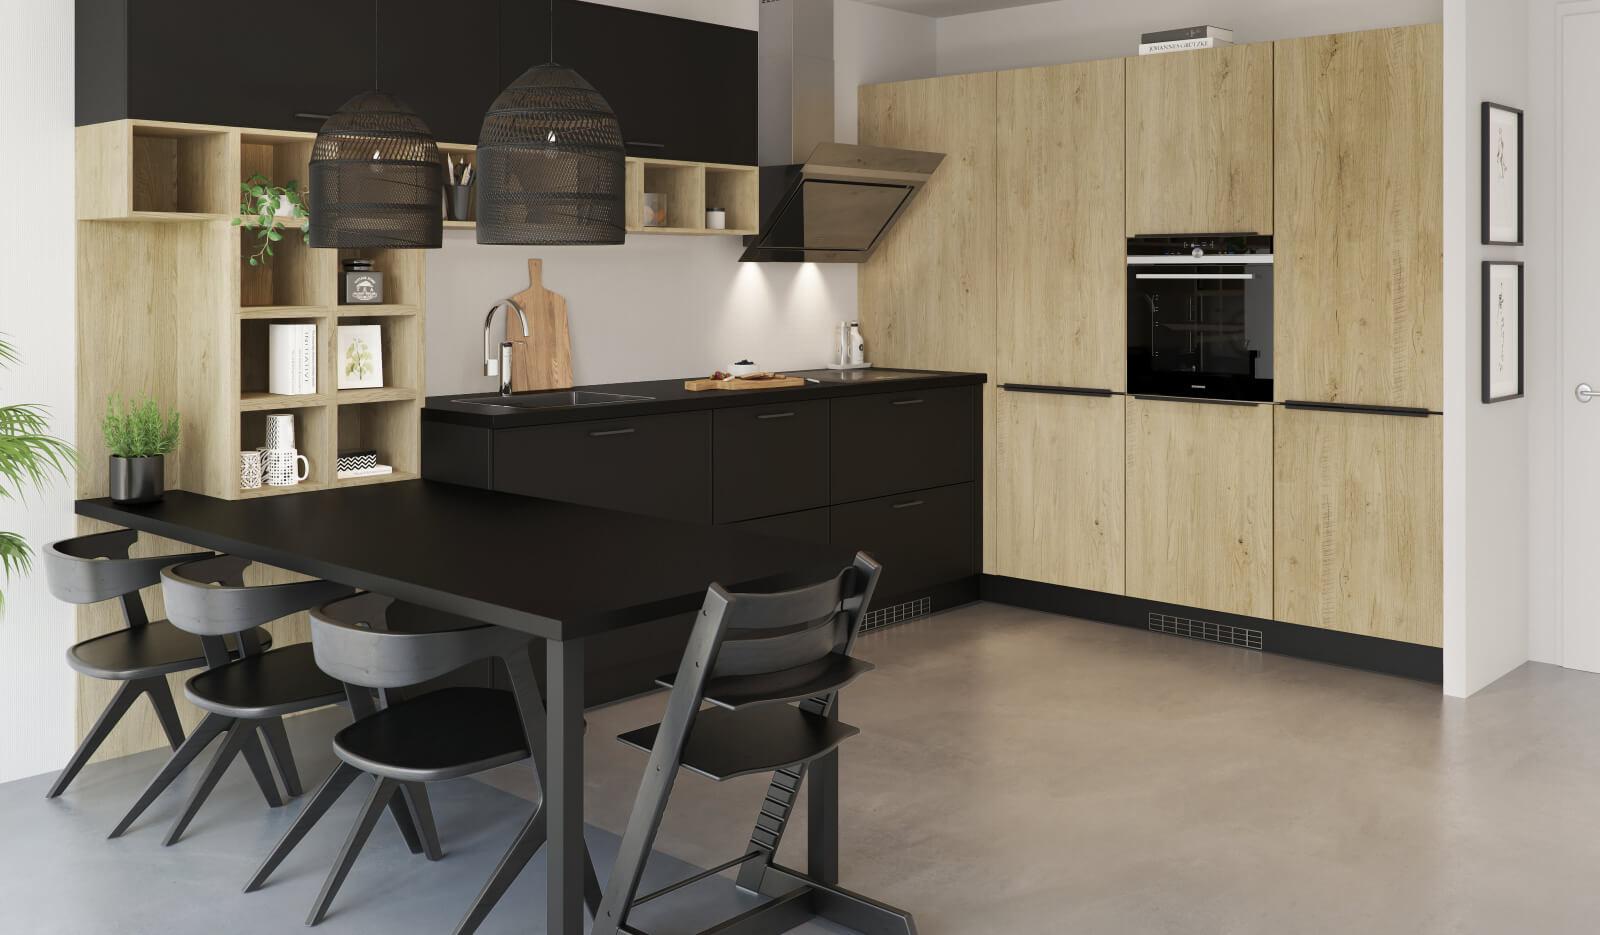 Keuken Brighton zwart - luxe keuken